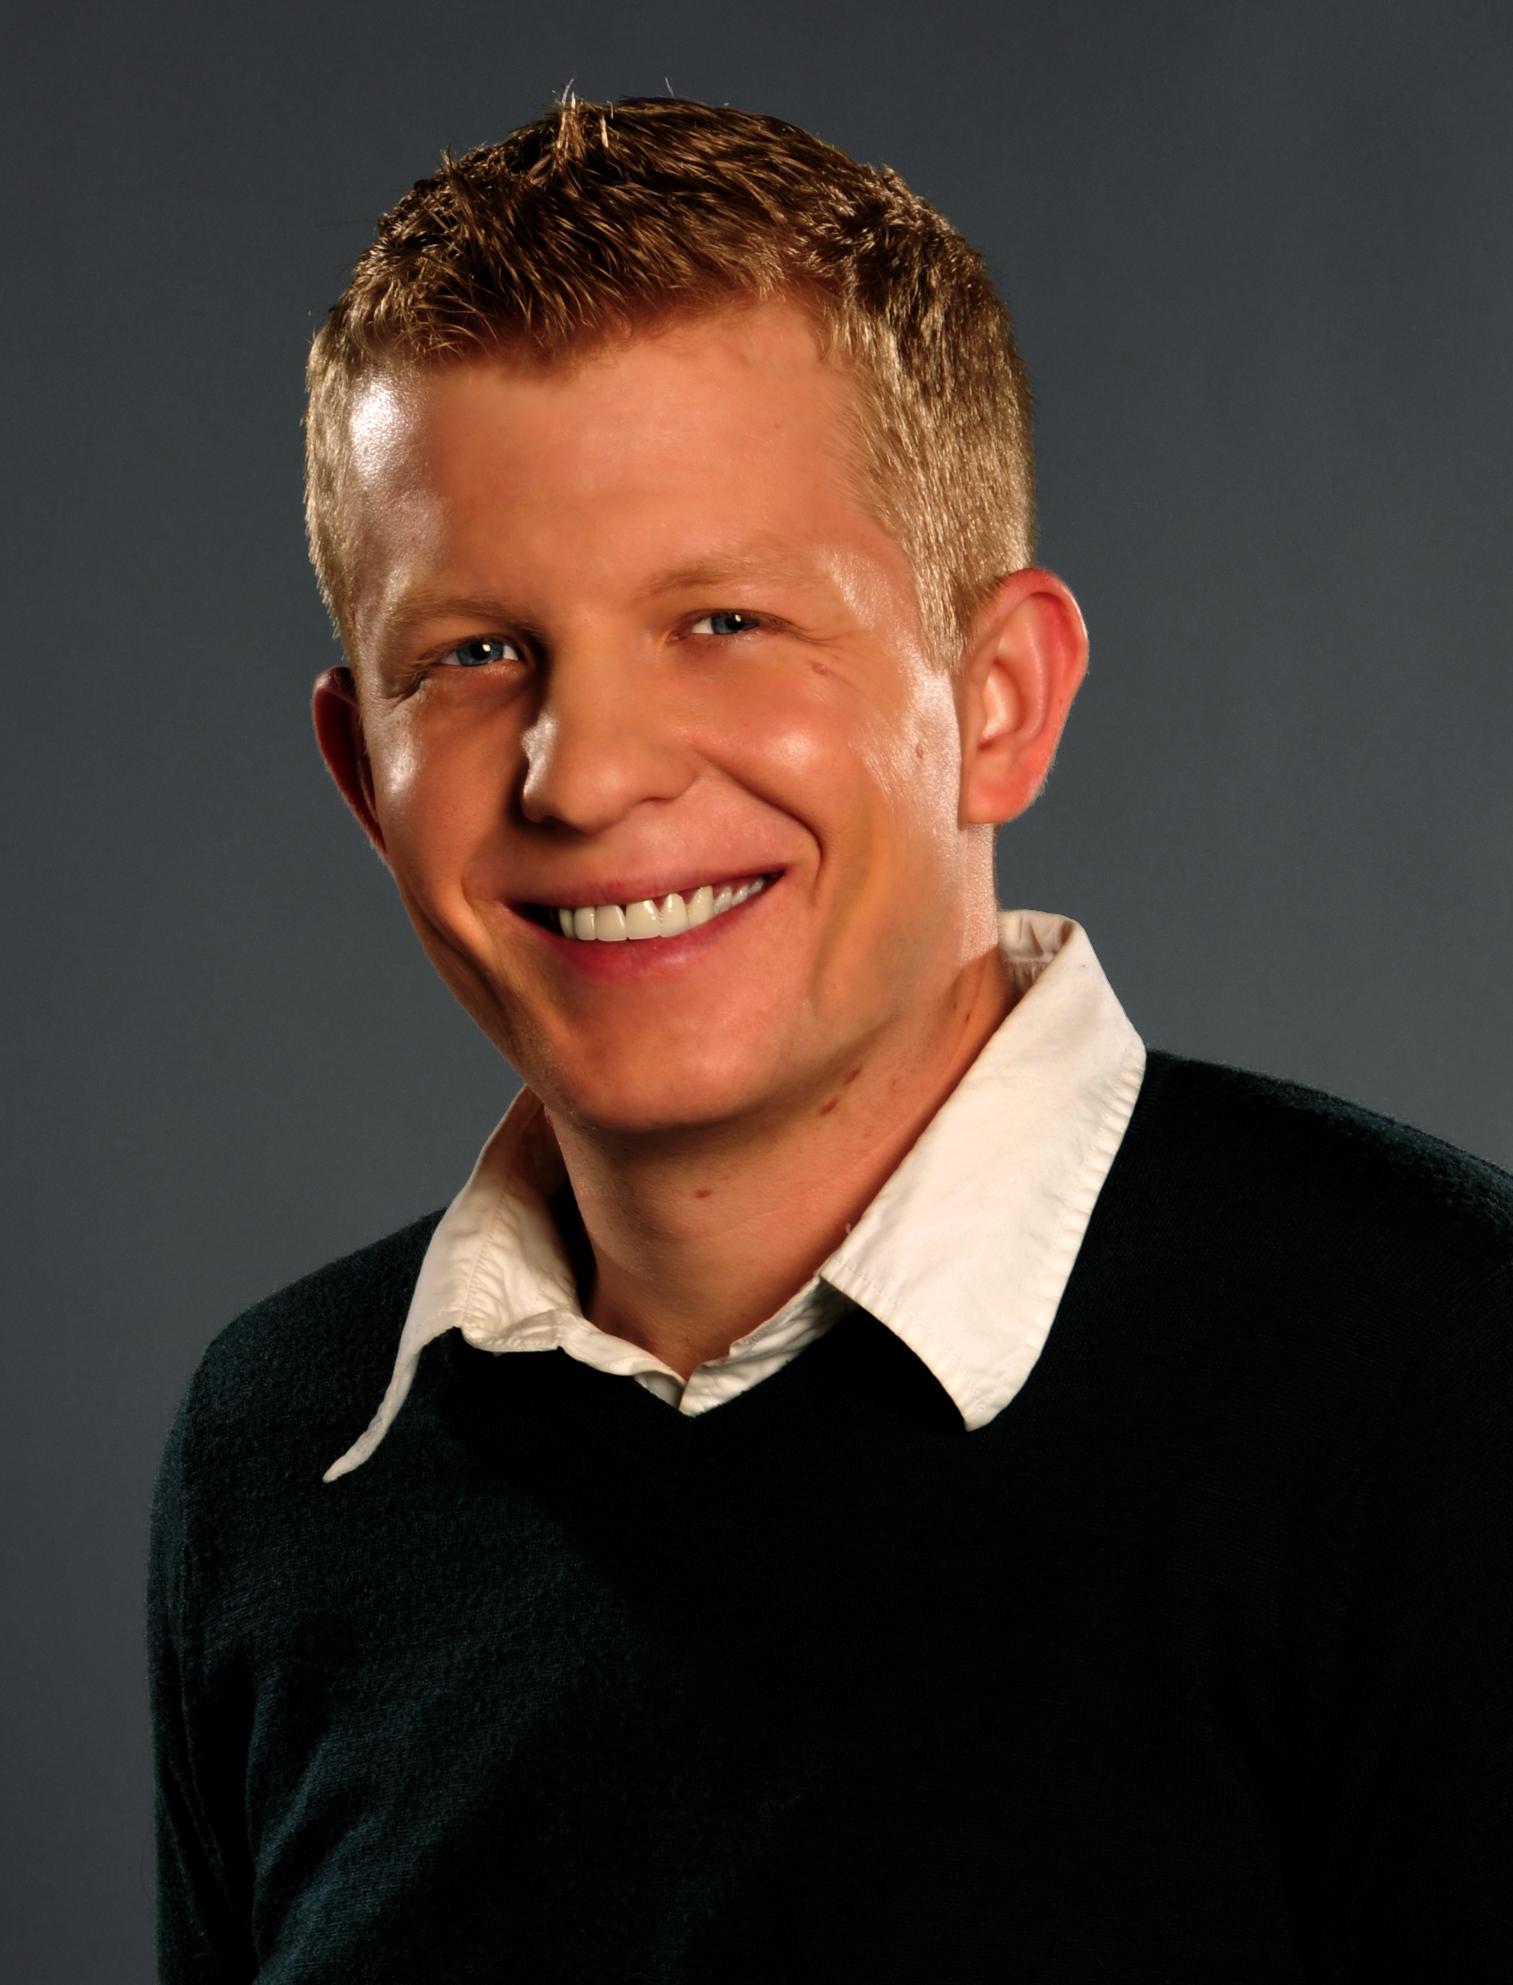 Matt MacDonald - 2011 Headshot